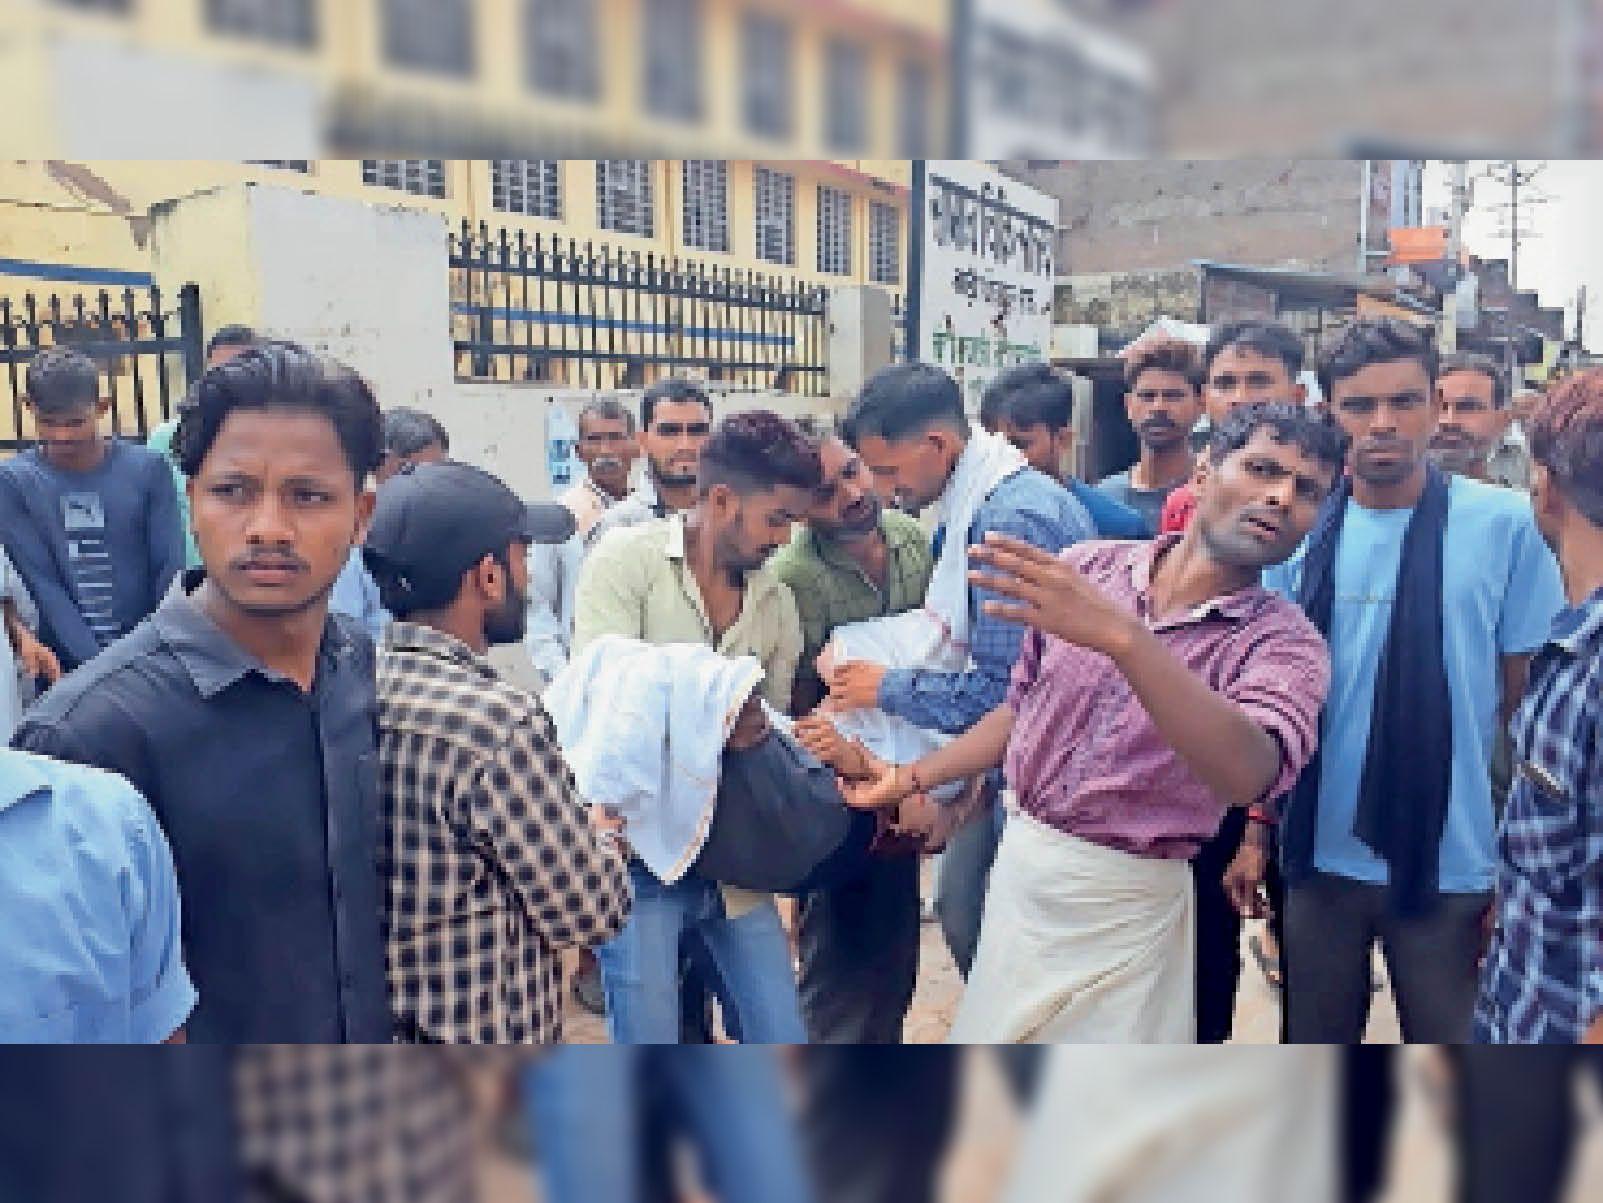 घटना के बाद घायलों को लेकर जाते परिजन। - Dainik Bhaskar